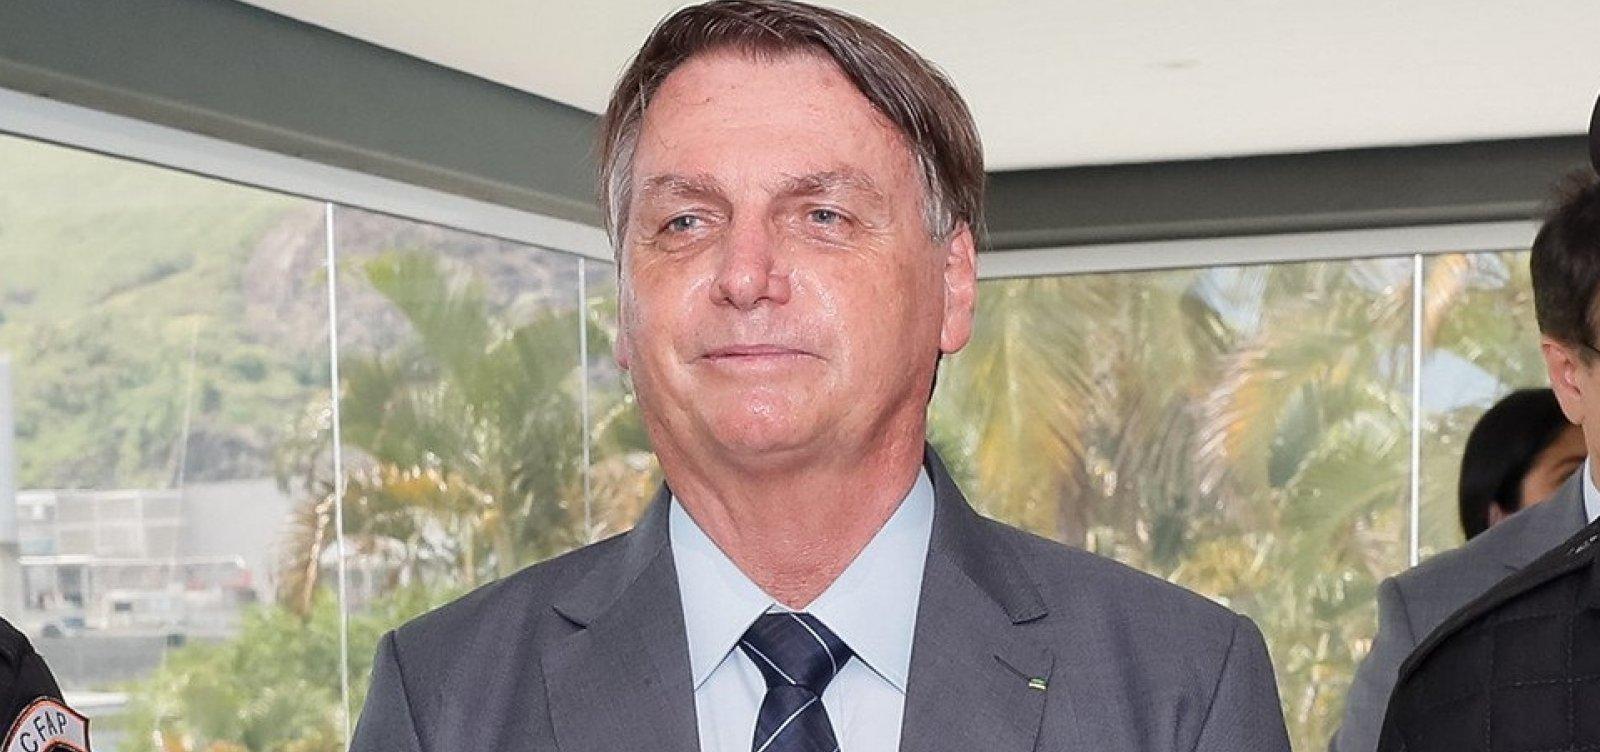 'Não dou bola para isso', diz Bolsonaro sobre outros países já terem começado vacinação contra Covid-19